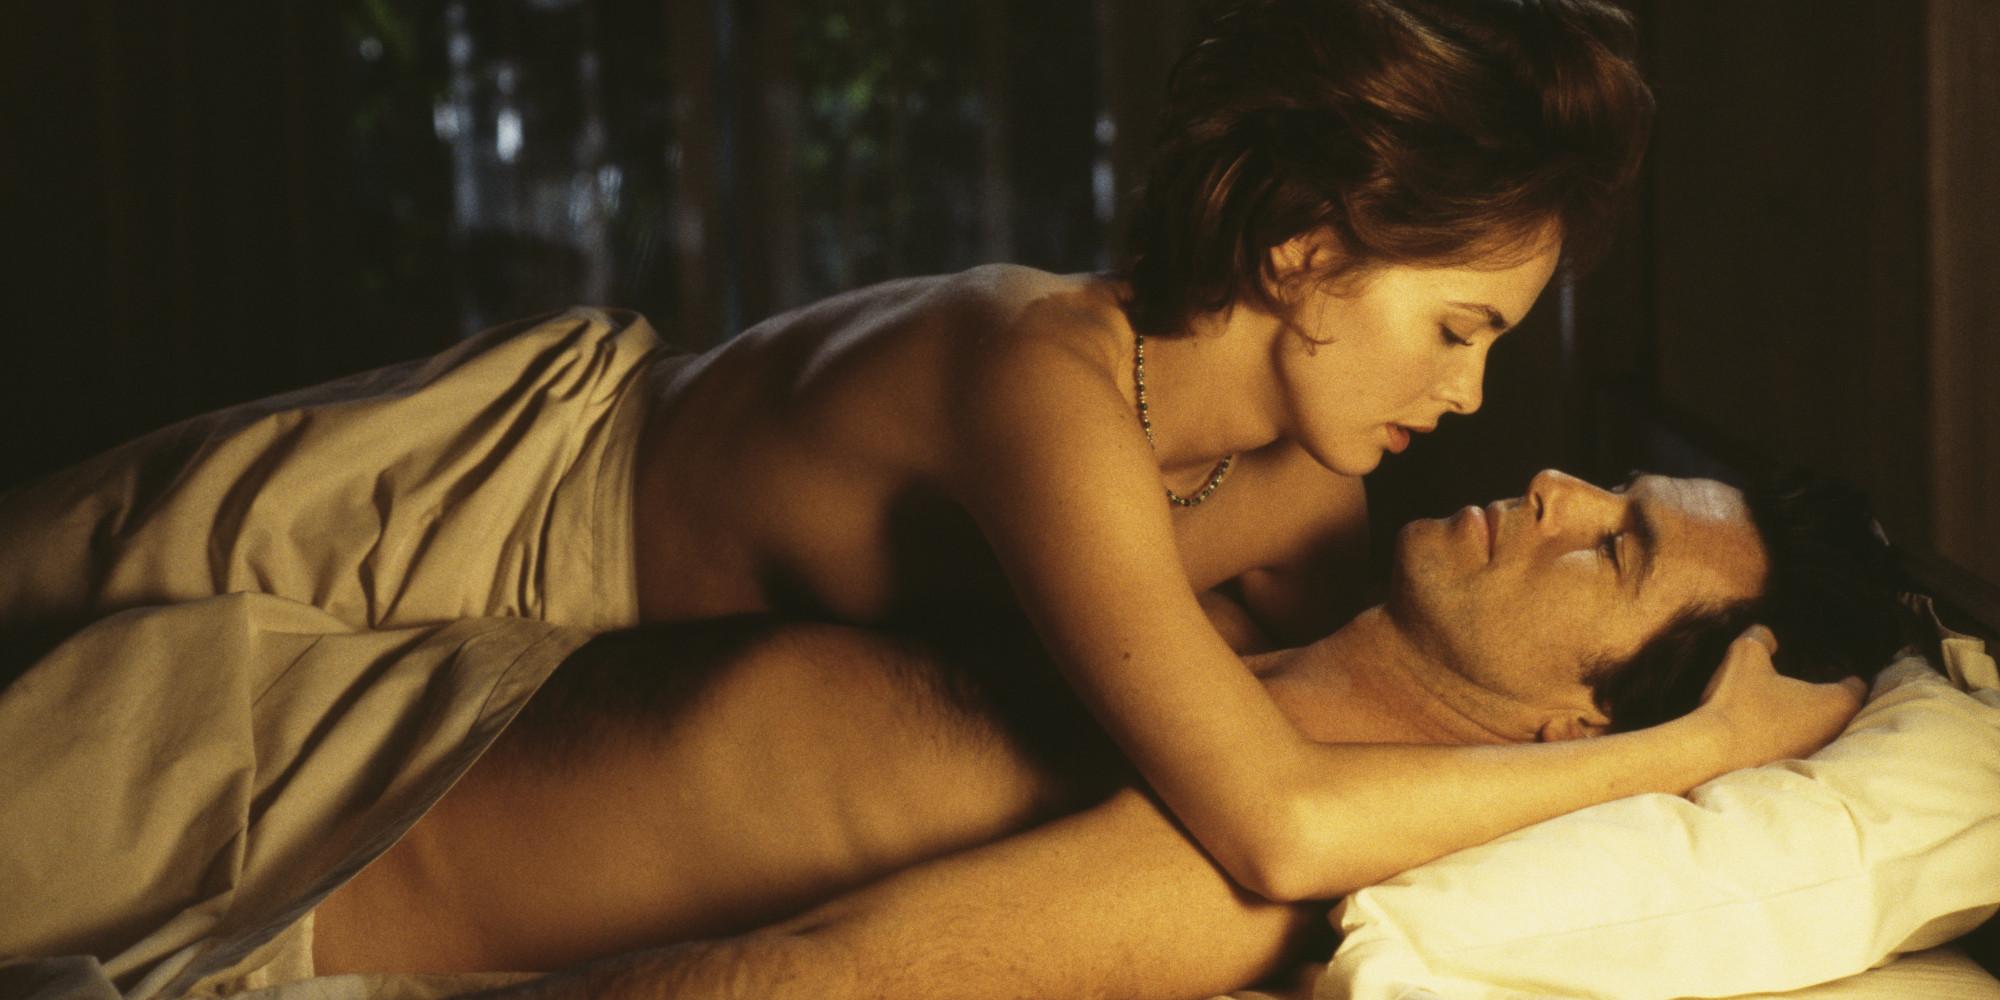 looking for sex partner sex apps like tinder Melbourne